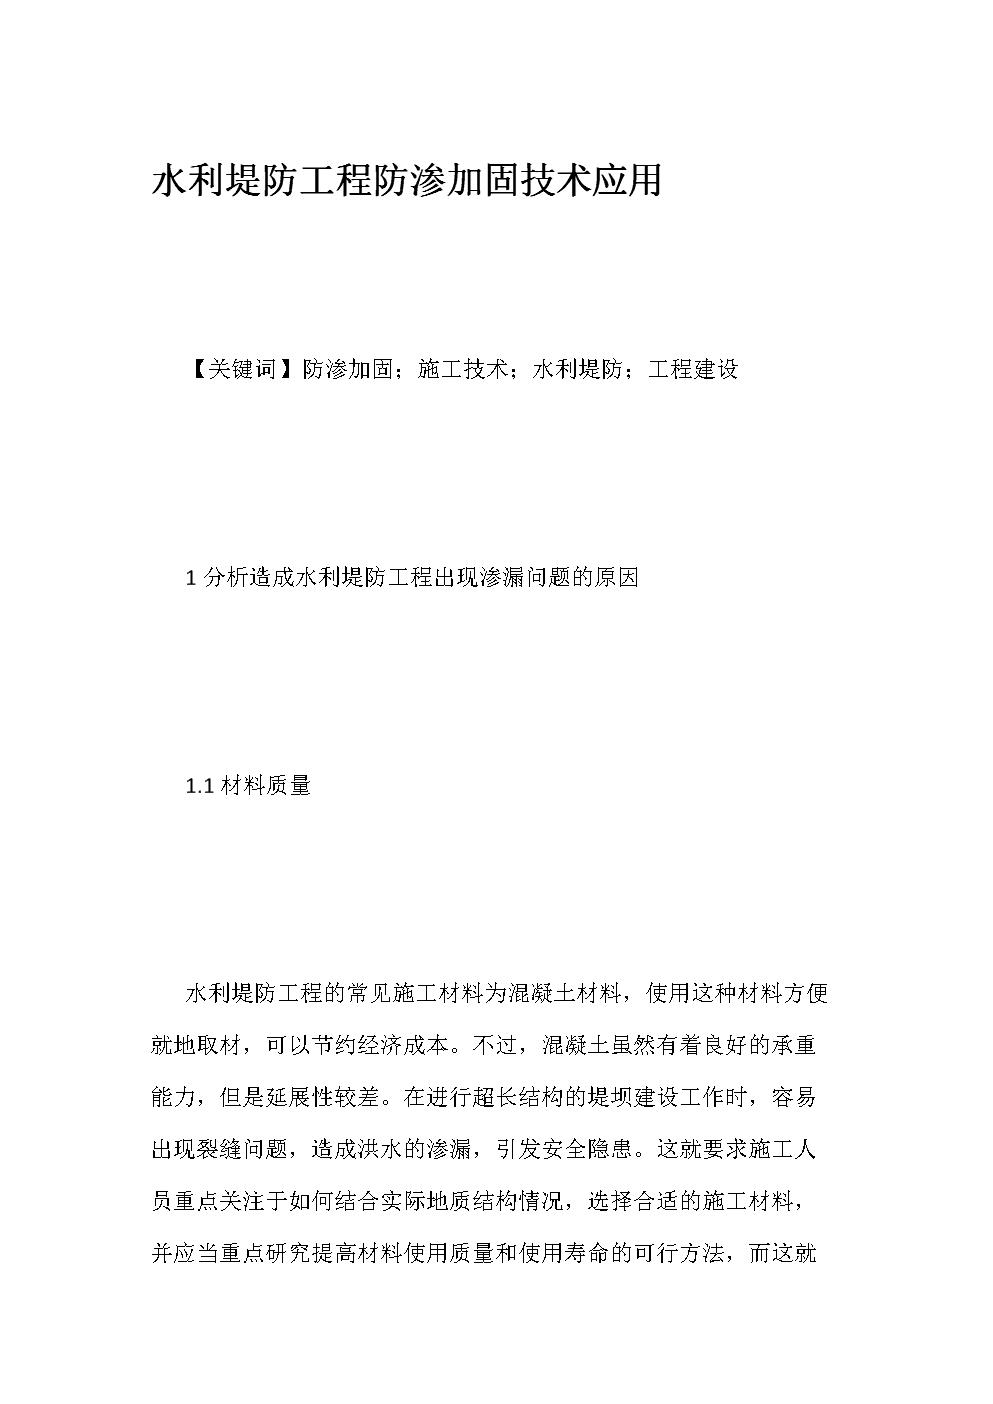 水利堤防工程防渗加固技术应用-水利经济论文-水利论文.docx